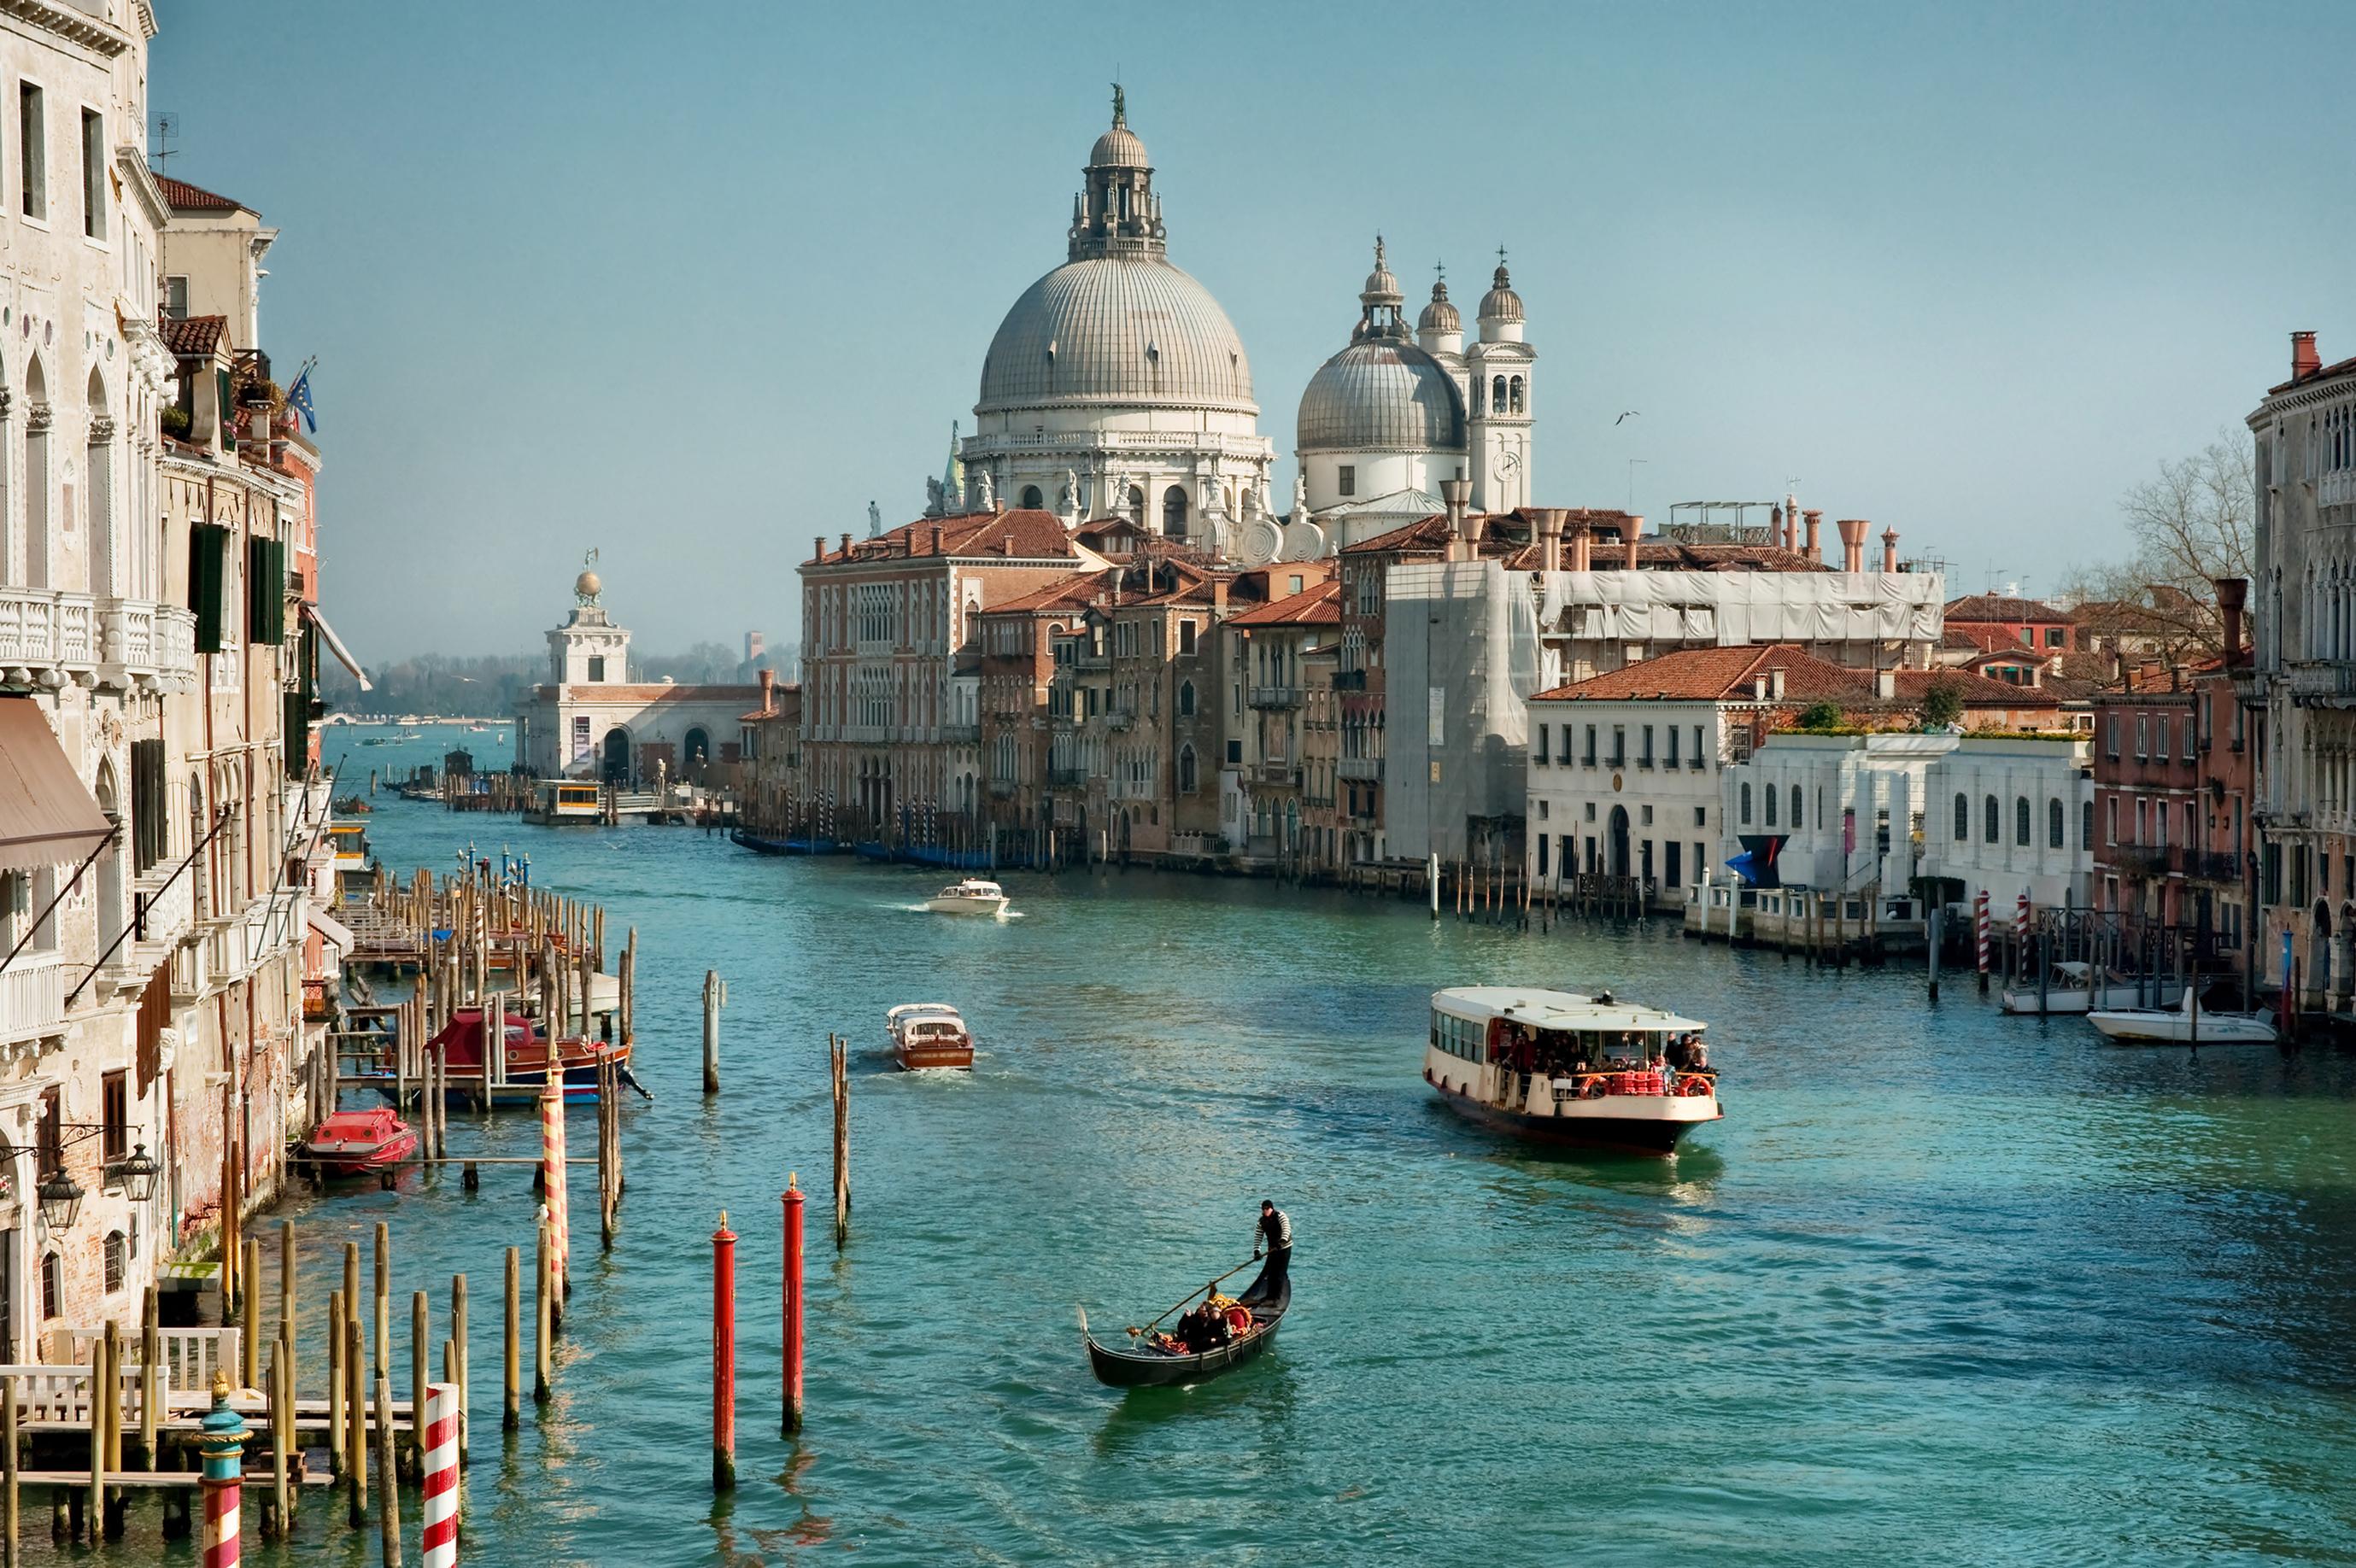 Nada's Italy image 3